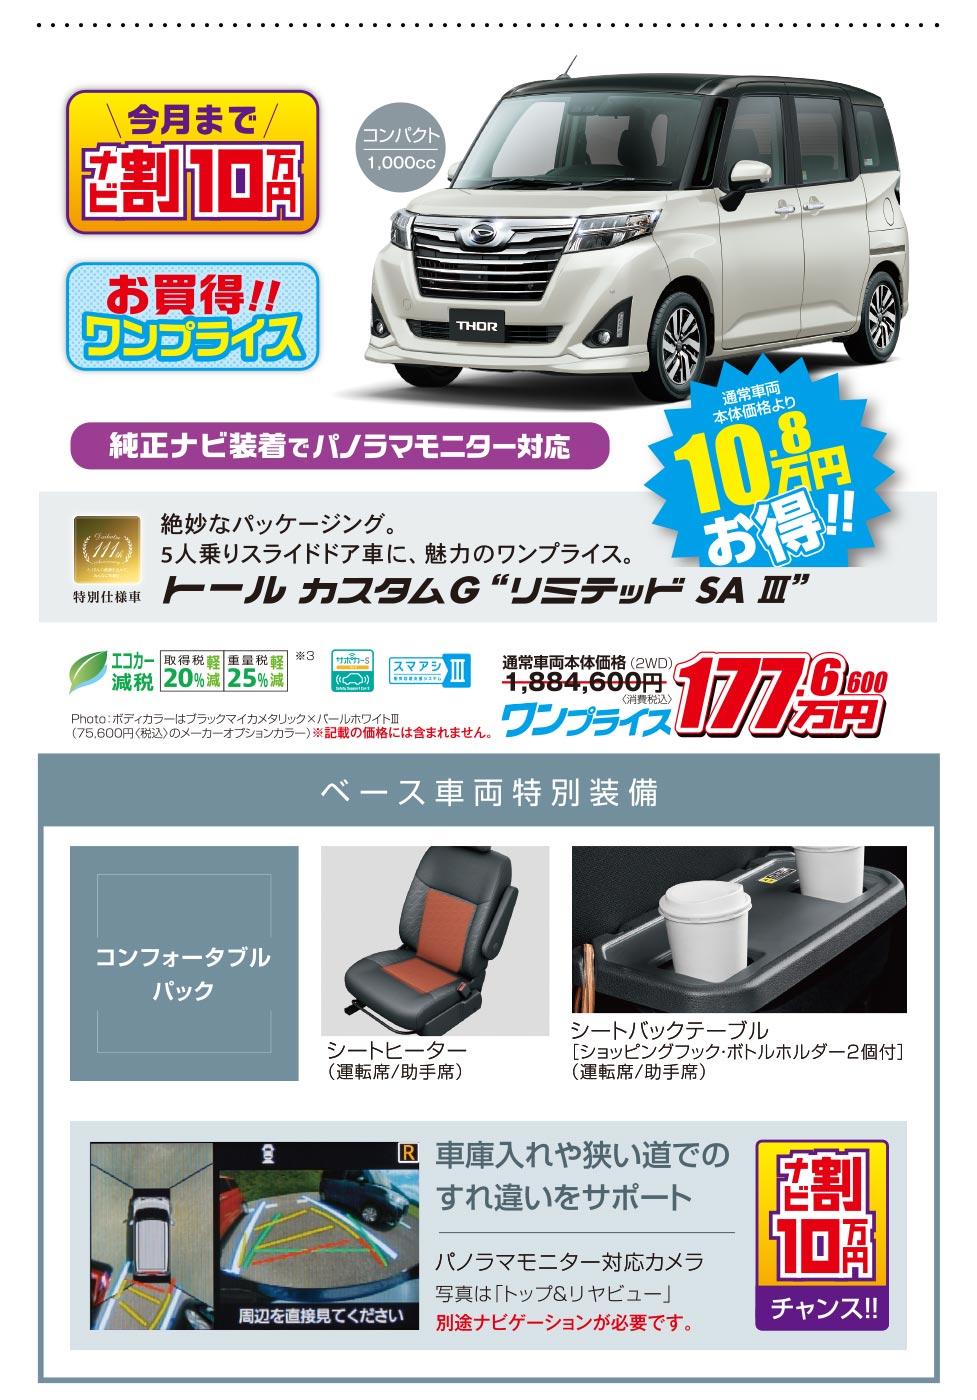 トールカスタムはお買得ワンプライスに加えナビ割10万円